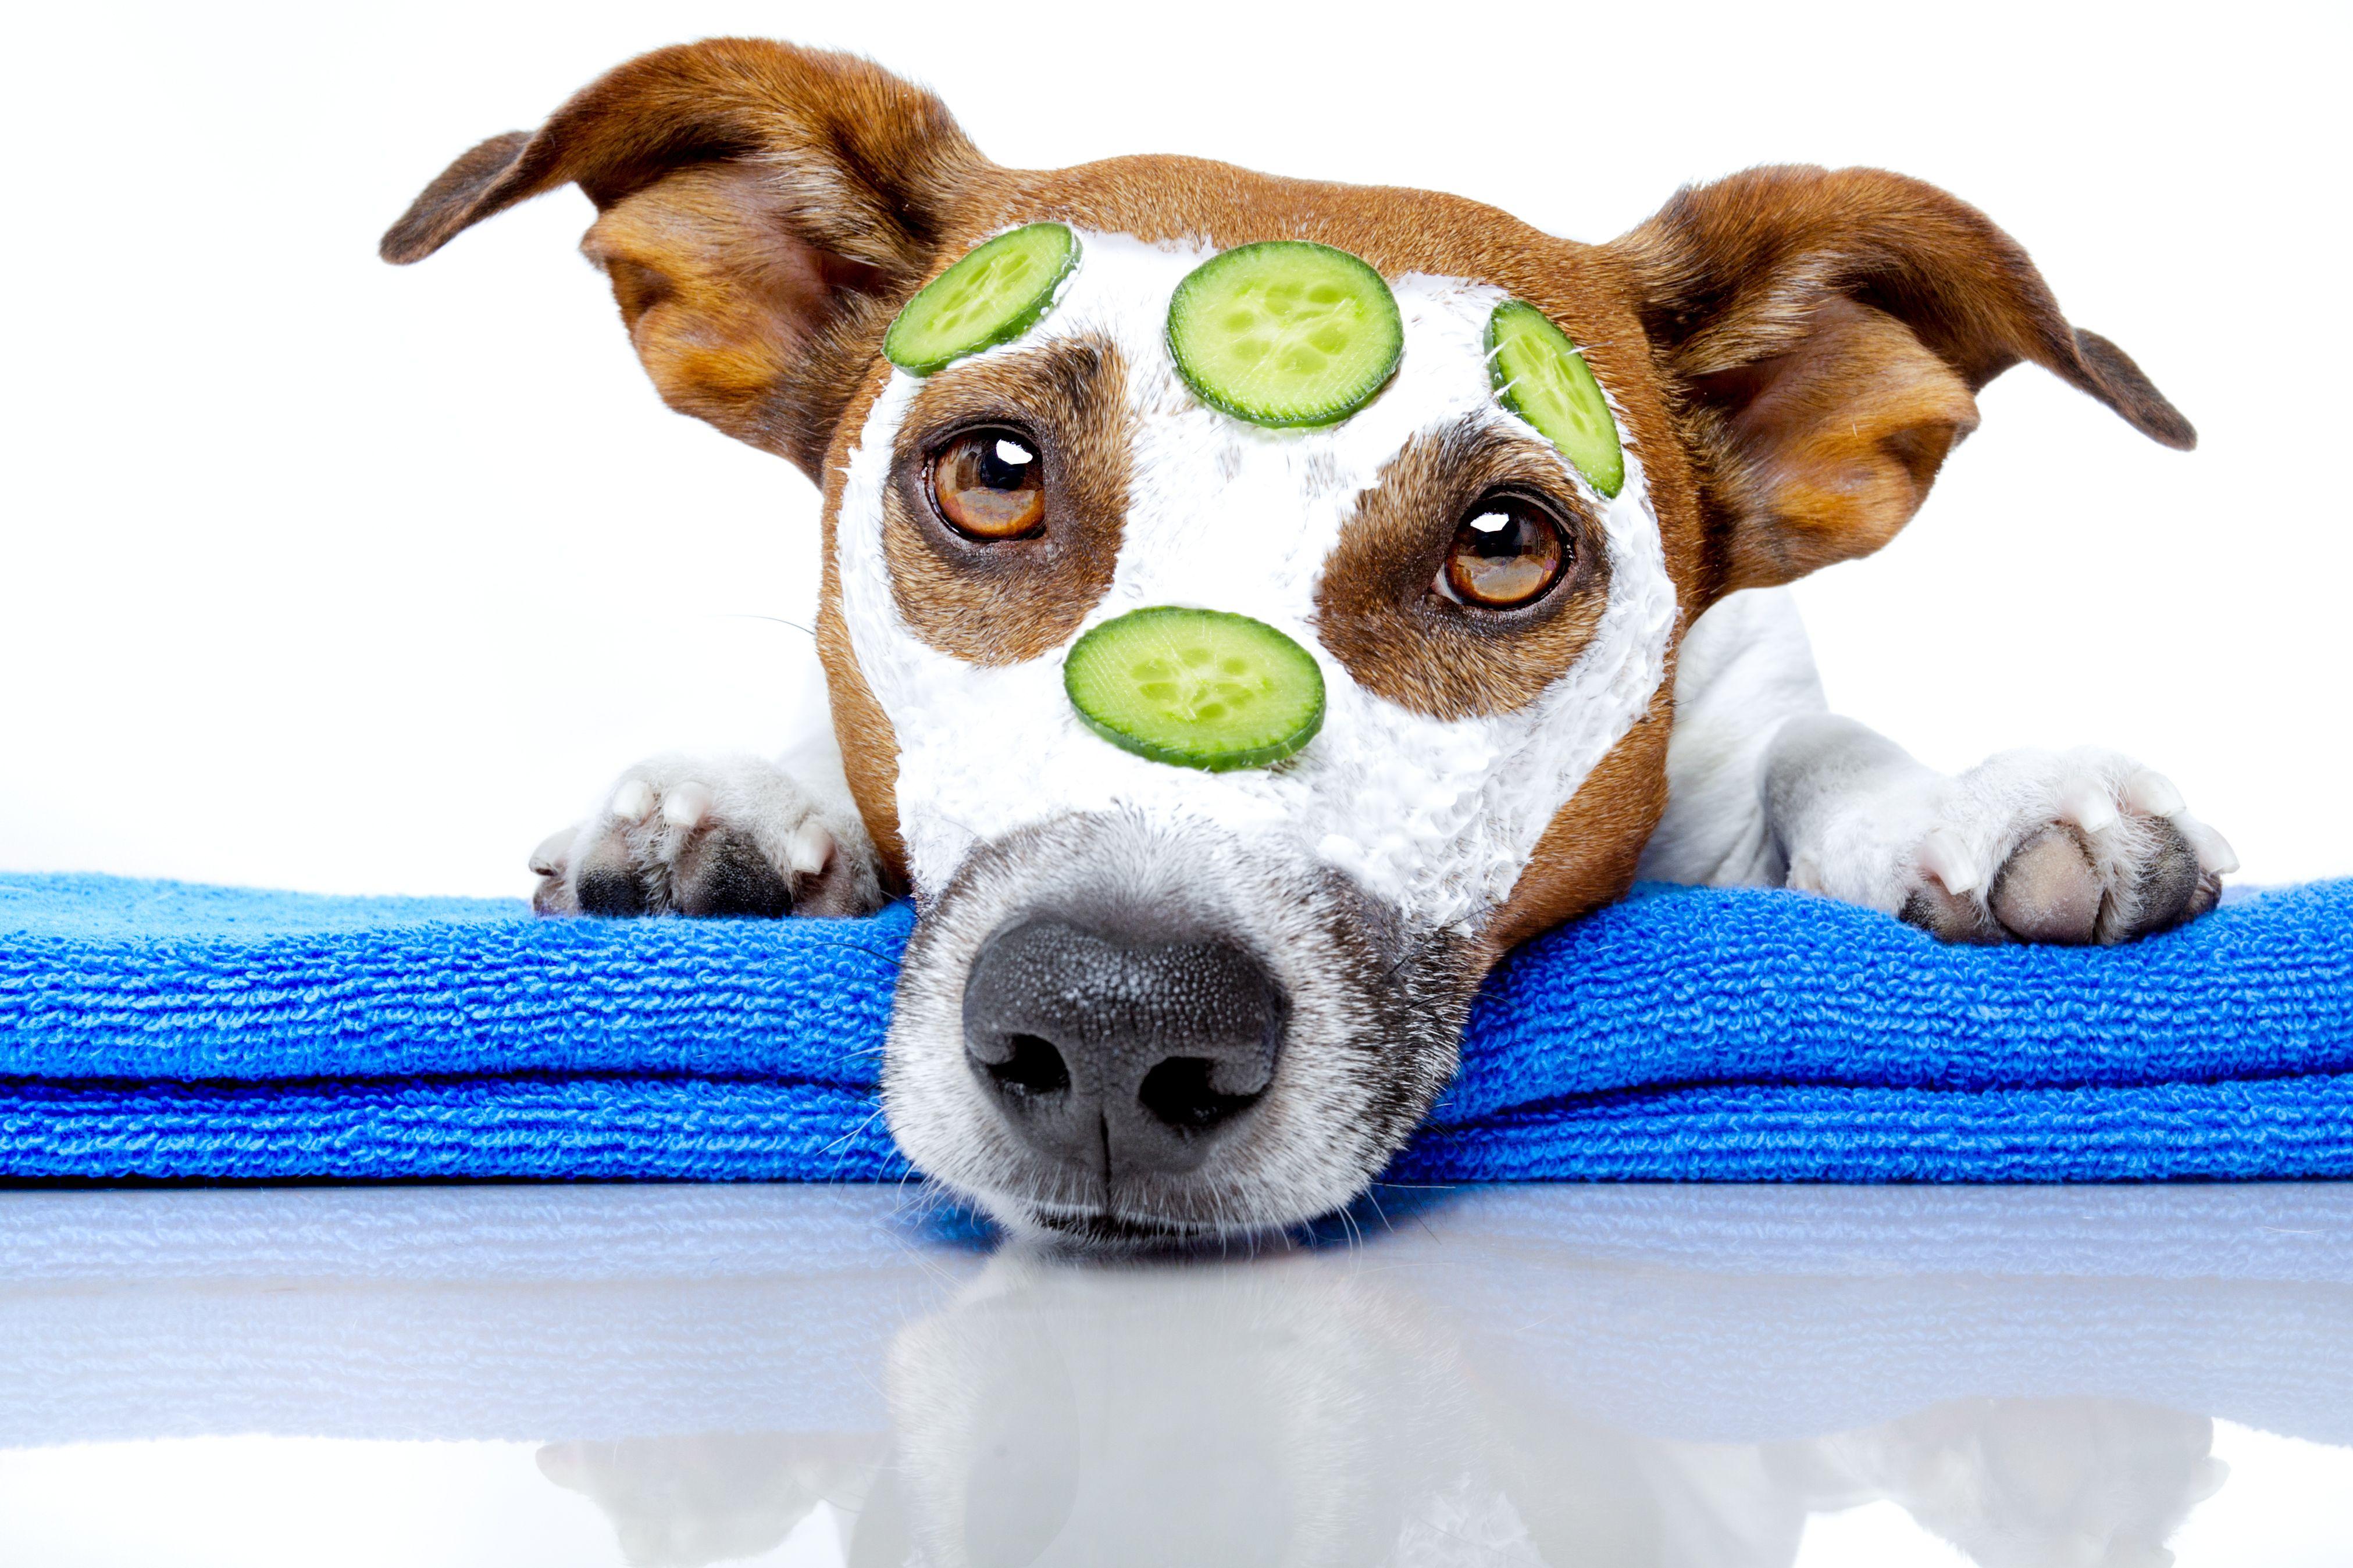 Diy doggy shampoo diyoilchick diy w essential oils pinterest diy doggy shampoo diyoilchick solutioingenieria Gallery